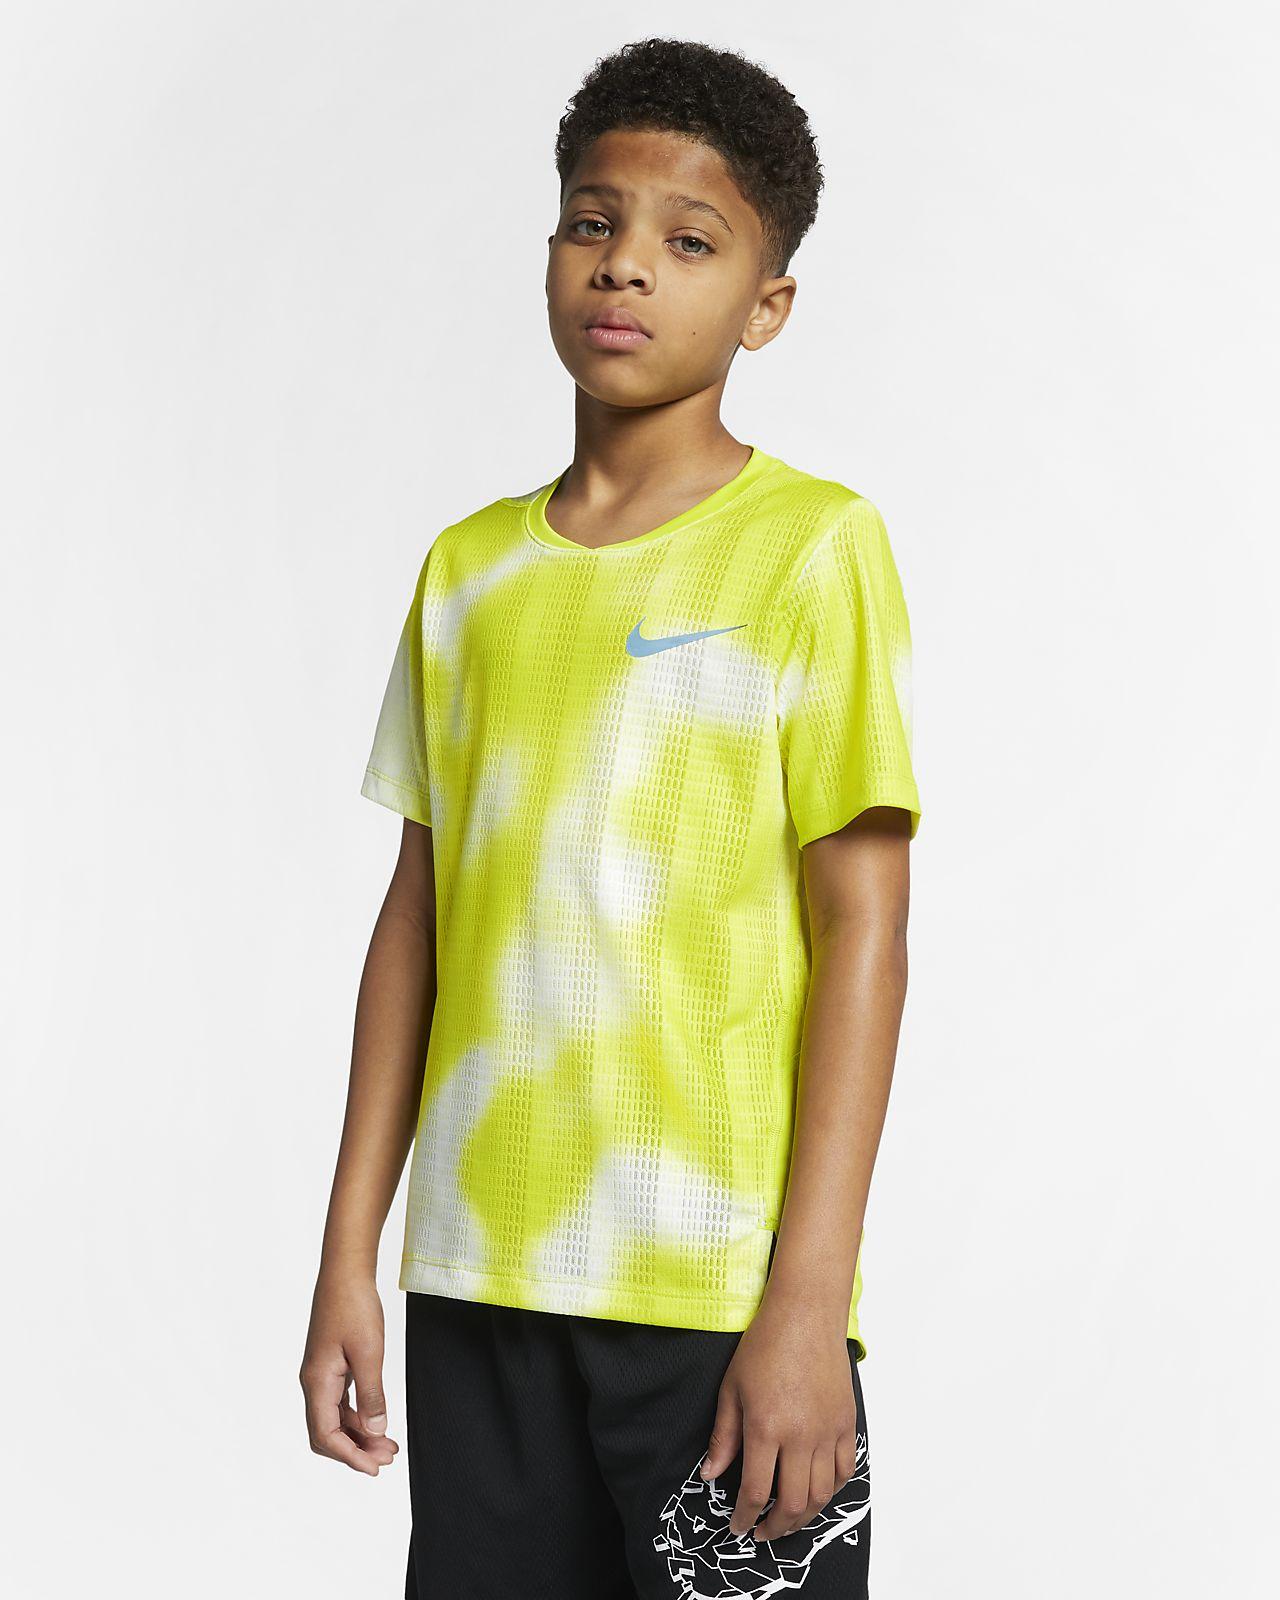 Nike Instacool大童(男孩)短袖训练上衣